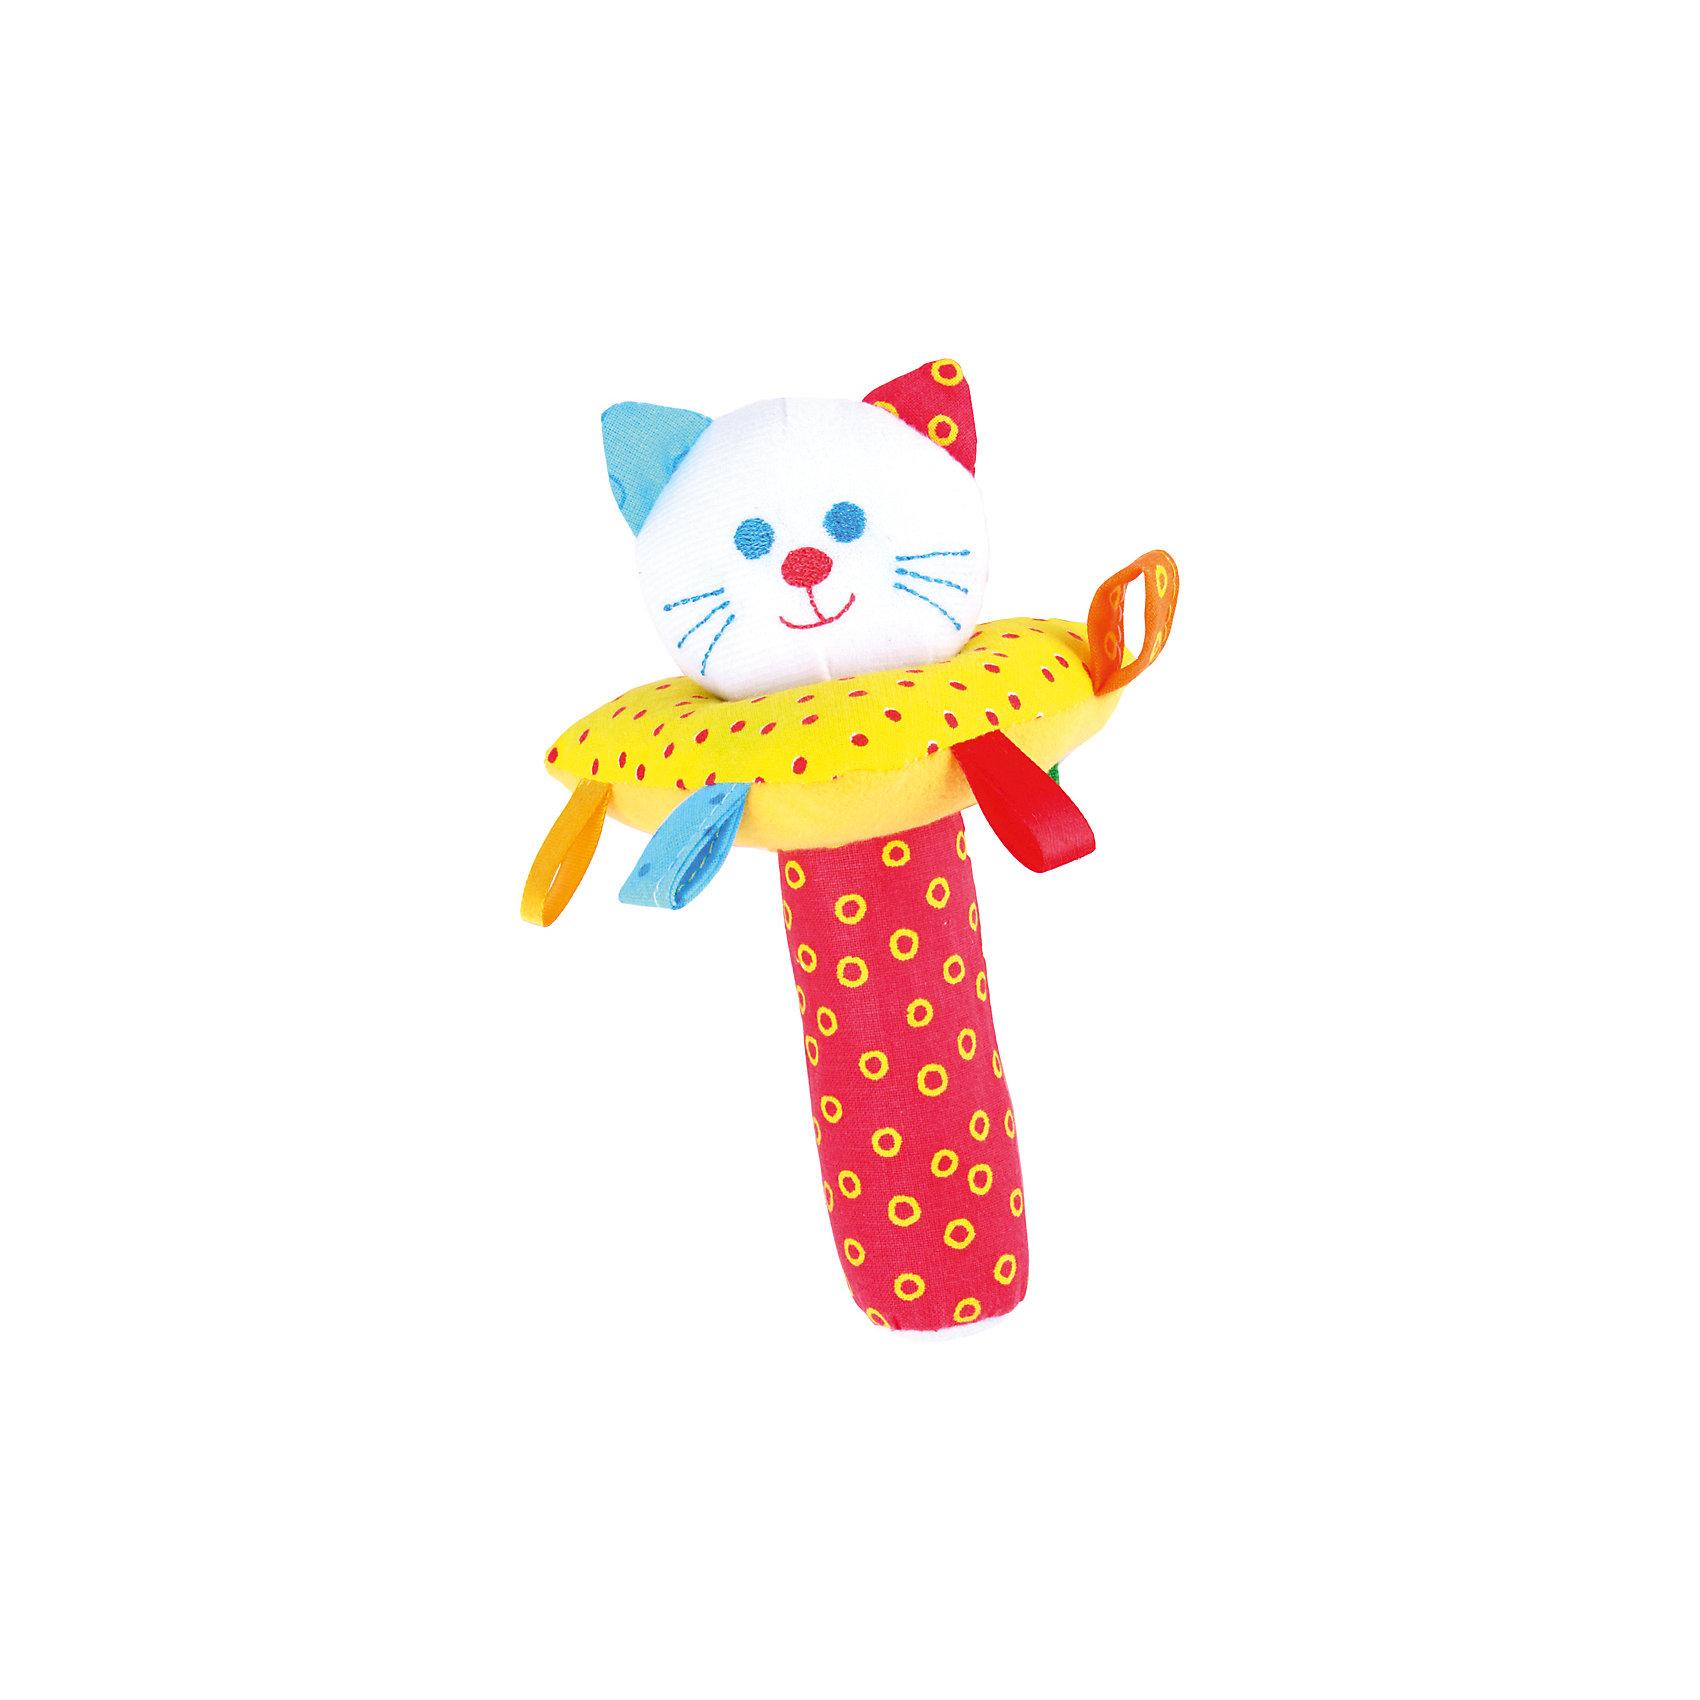 Пирамидка с погремушкой  Котик, МякишиПирамидки<br>Характеристики товара:<br><br>• материал: разнофактурный текстиль, поролон, холлофайбер<br>• комплектация: 1 шт<br>• размер игрушки: 25х15 см<br>• звуковой элемент<br>• пирамидка<br>• развивающая игрушка<br>• упаковка: пакет<br>• страна бренда: РФ<br>• страна изготовитель: РФ<br><br>Малыши активно познают мир и тянутся к новой информации. Чтобы сделать процесс изучения окружающего пространства интереснее, ребенку можно подарить развивающие игрушки. В процессе игры информация усваивается намного лучше!<br>Такие игрушки помогут занять малыша, играть ими приятно и весело. Одновременно они позволят познакомиться со многими цветами, фактурами, а также научиться извлекать звук. Подобные игрушки развивают тактильные ощущения, моторику, цветовосприятие, логику, воображение, учат фокусировать внимание. Каждое изделие абсолютно безопасно – оно создано из качественной ткани с мягким наполнителем. Игрушки производятся из качественных и проверенных материалов, которые безопасны для детей.<br><br>Пирамидку с погремушкой Котик от бренда Мякиши можно купить в нашем интернет-магазине.<br><br>Ширина мм: 200<br>Глубина мм: 150<br>Высота мм: 150<br>Вес г: 50<br>Возраст от месяцев: 12<br>Возраст до месяцев: 36<br>Пол: Унисекс<br>Возраст: Детский<br>SKU: 5183218